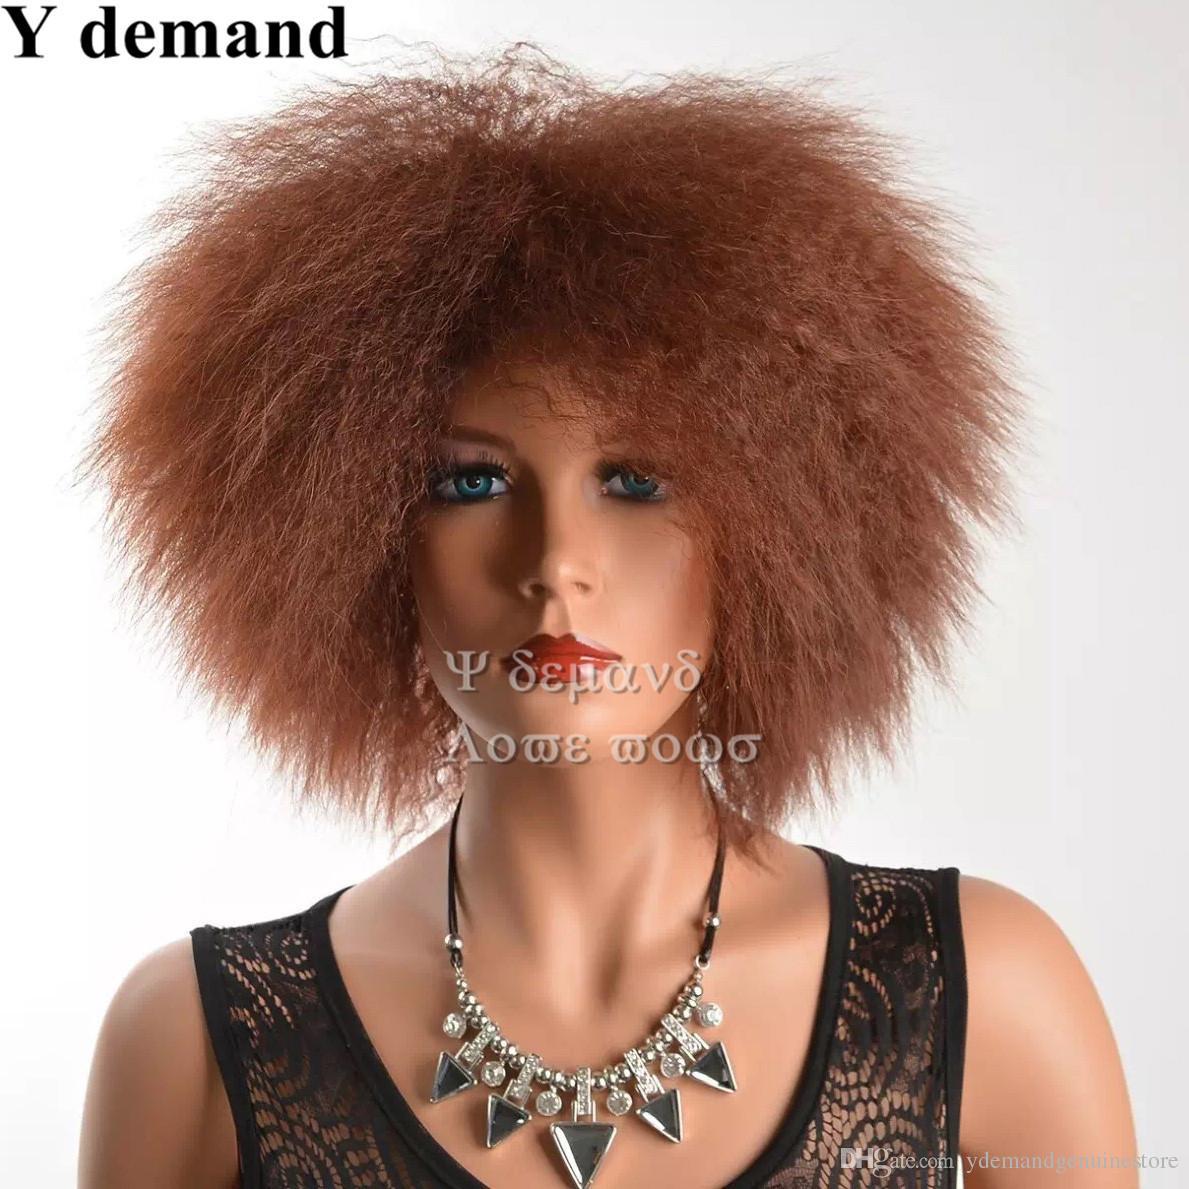 Original Date Afro Cheveux Bruns Afro Court Crépu Perruque Frisée De Mode Siulation Brésilienne Perruques de Cheveux Humains Perruques Complètes En stock